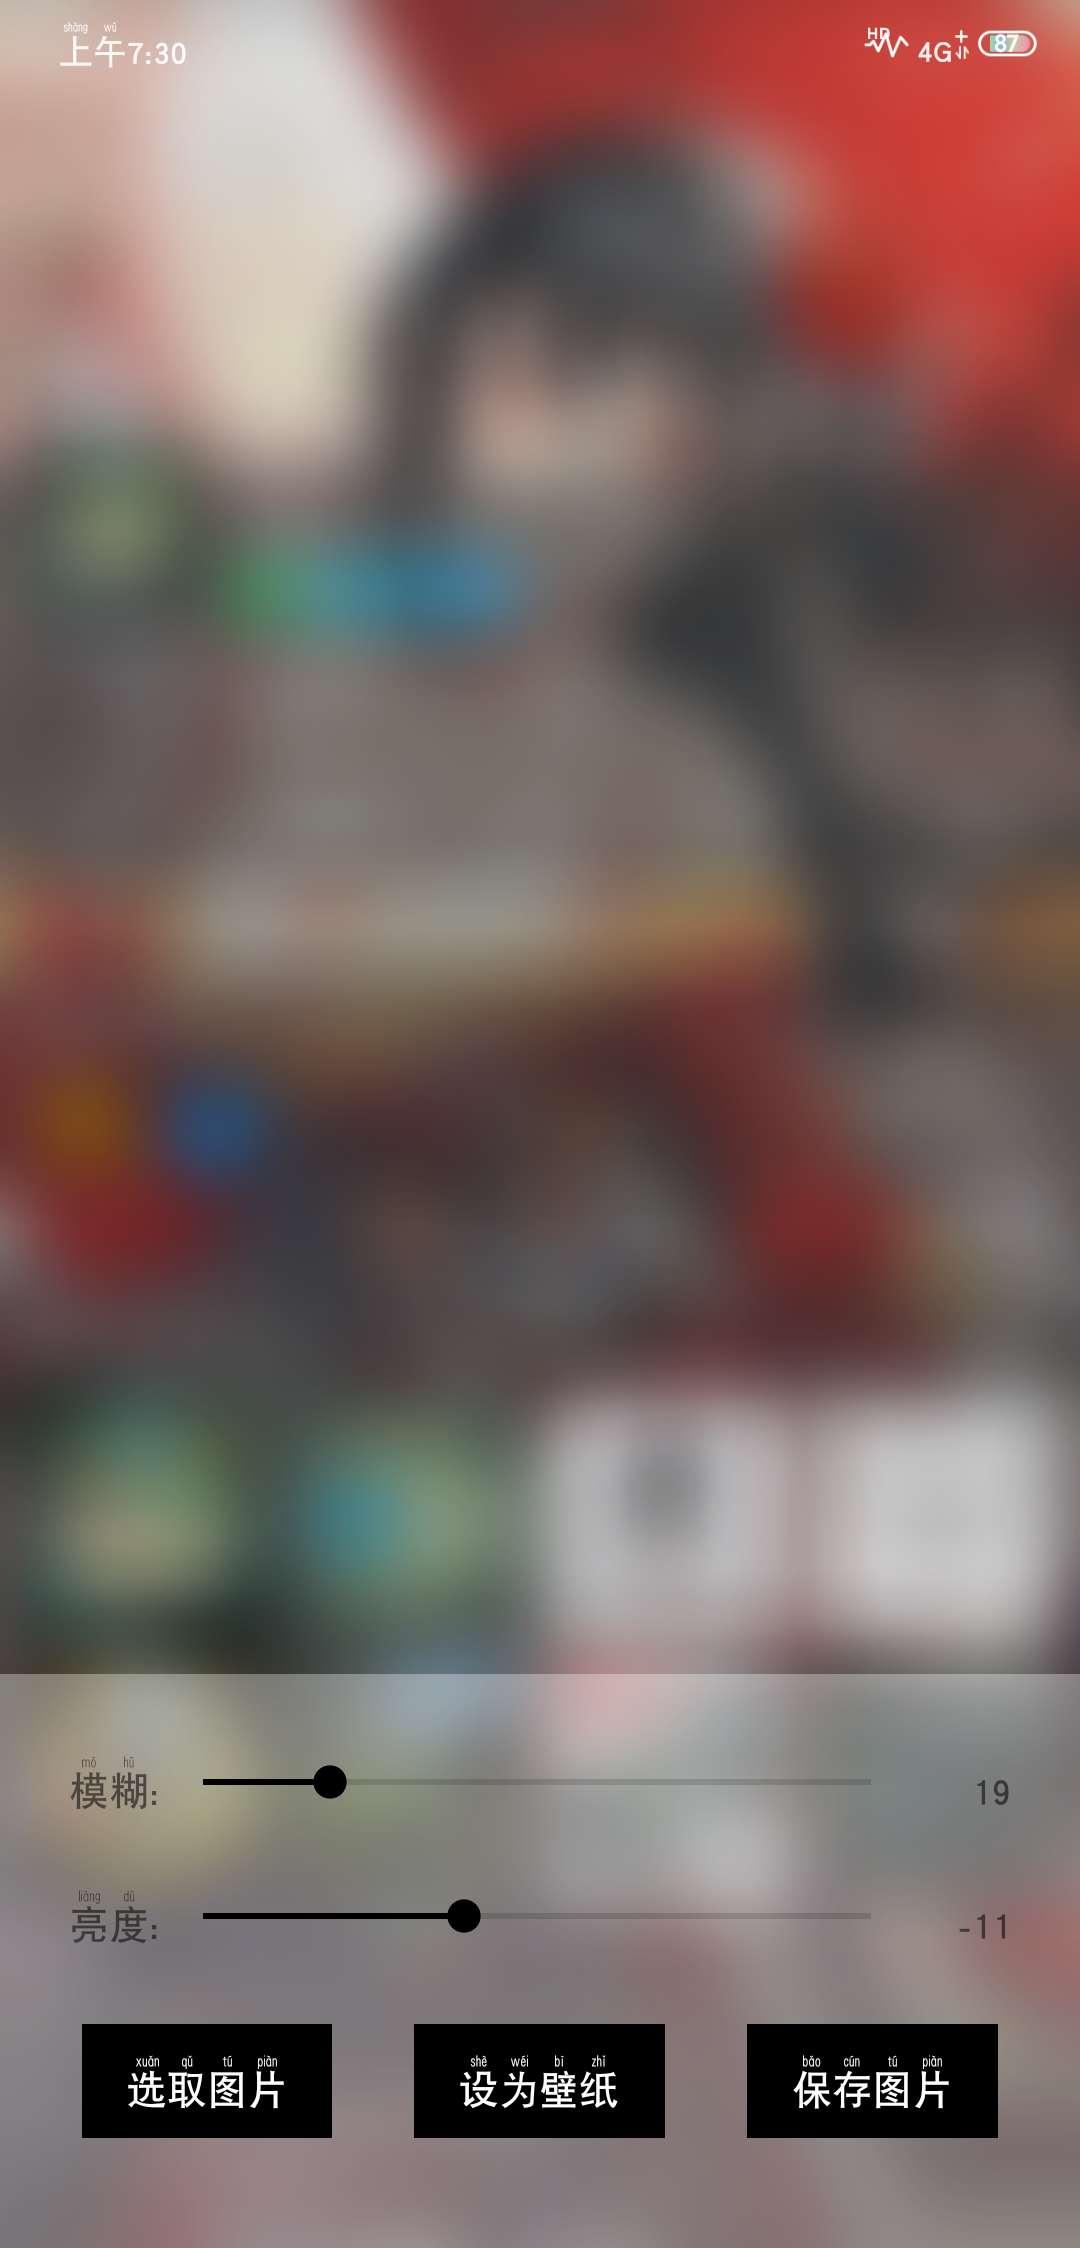 【分享】高斯模糊壁纸-Blur Wallpaper-爱小助